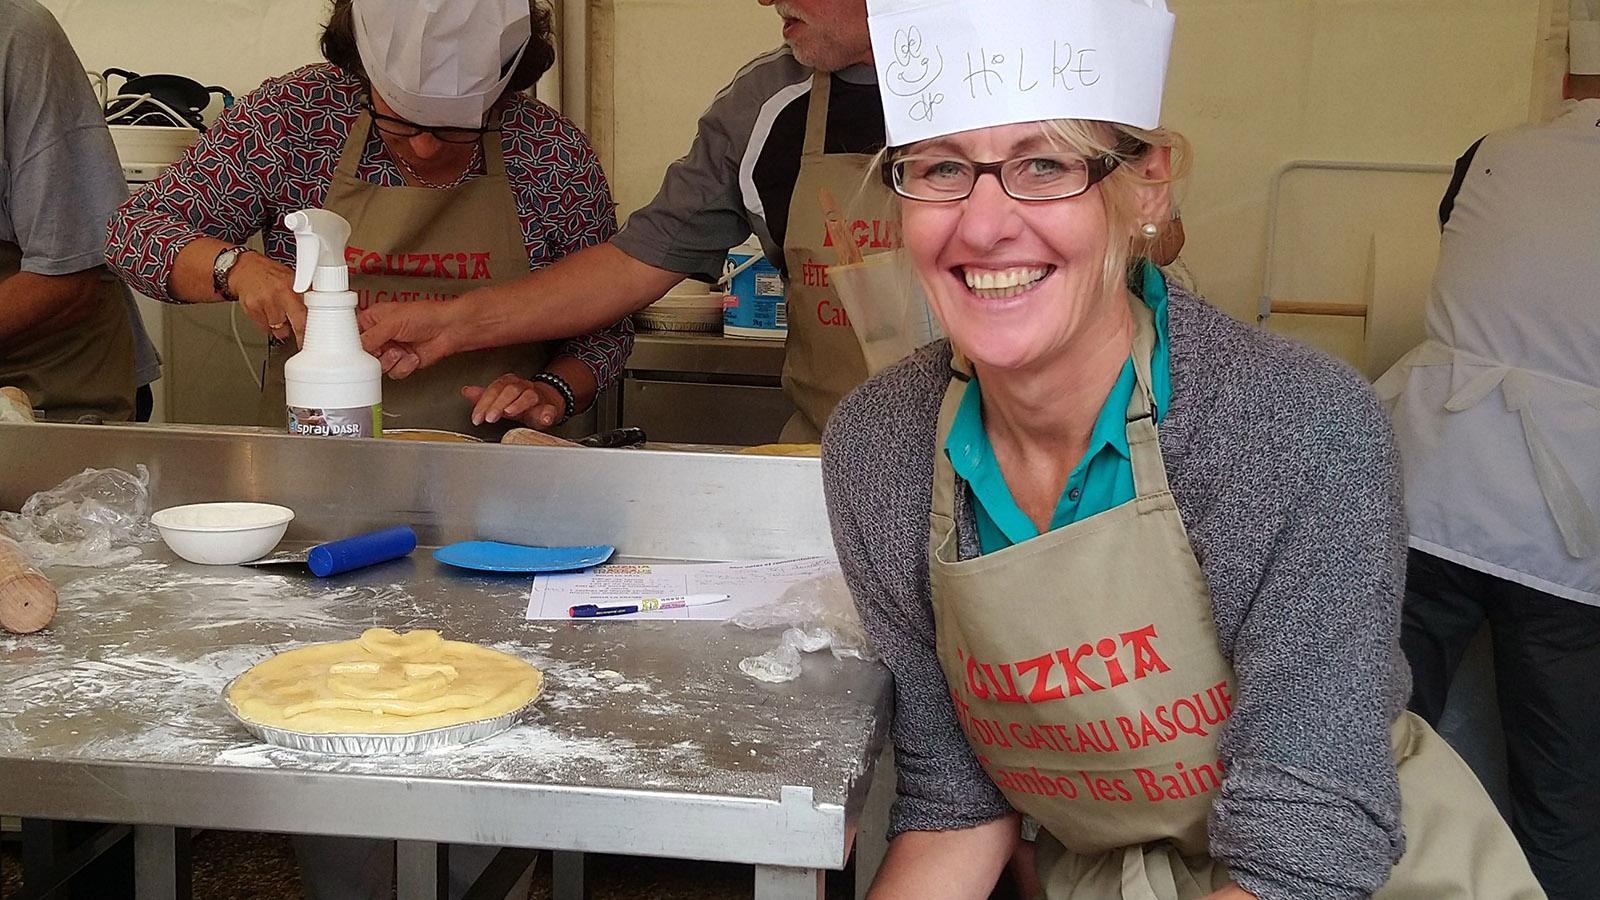 Gâteau-Basque selber backen: nur mit Schürze (euer Souvenir) und Haube! Foto: Hilke Maunder